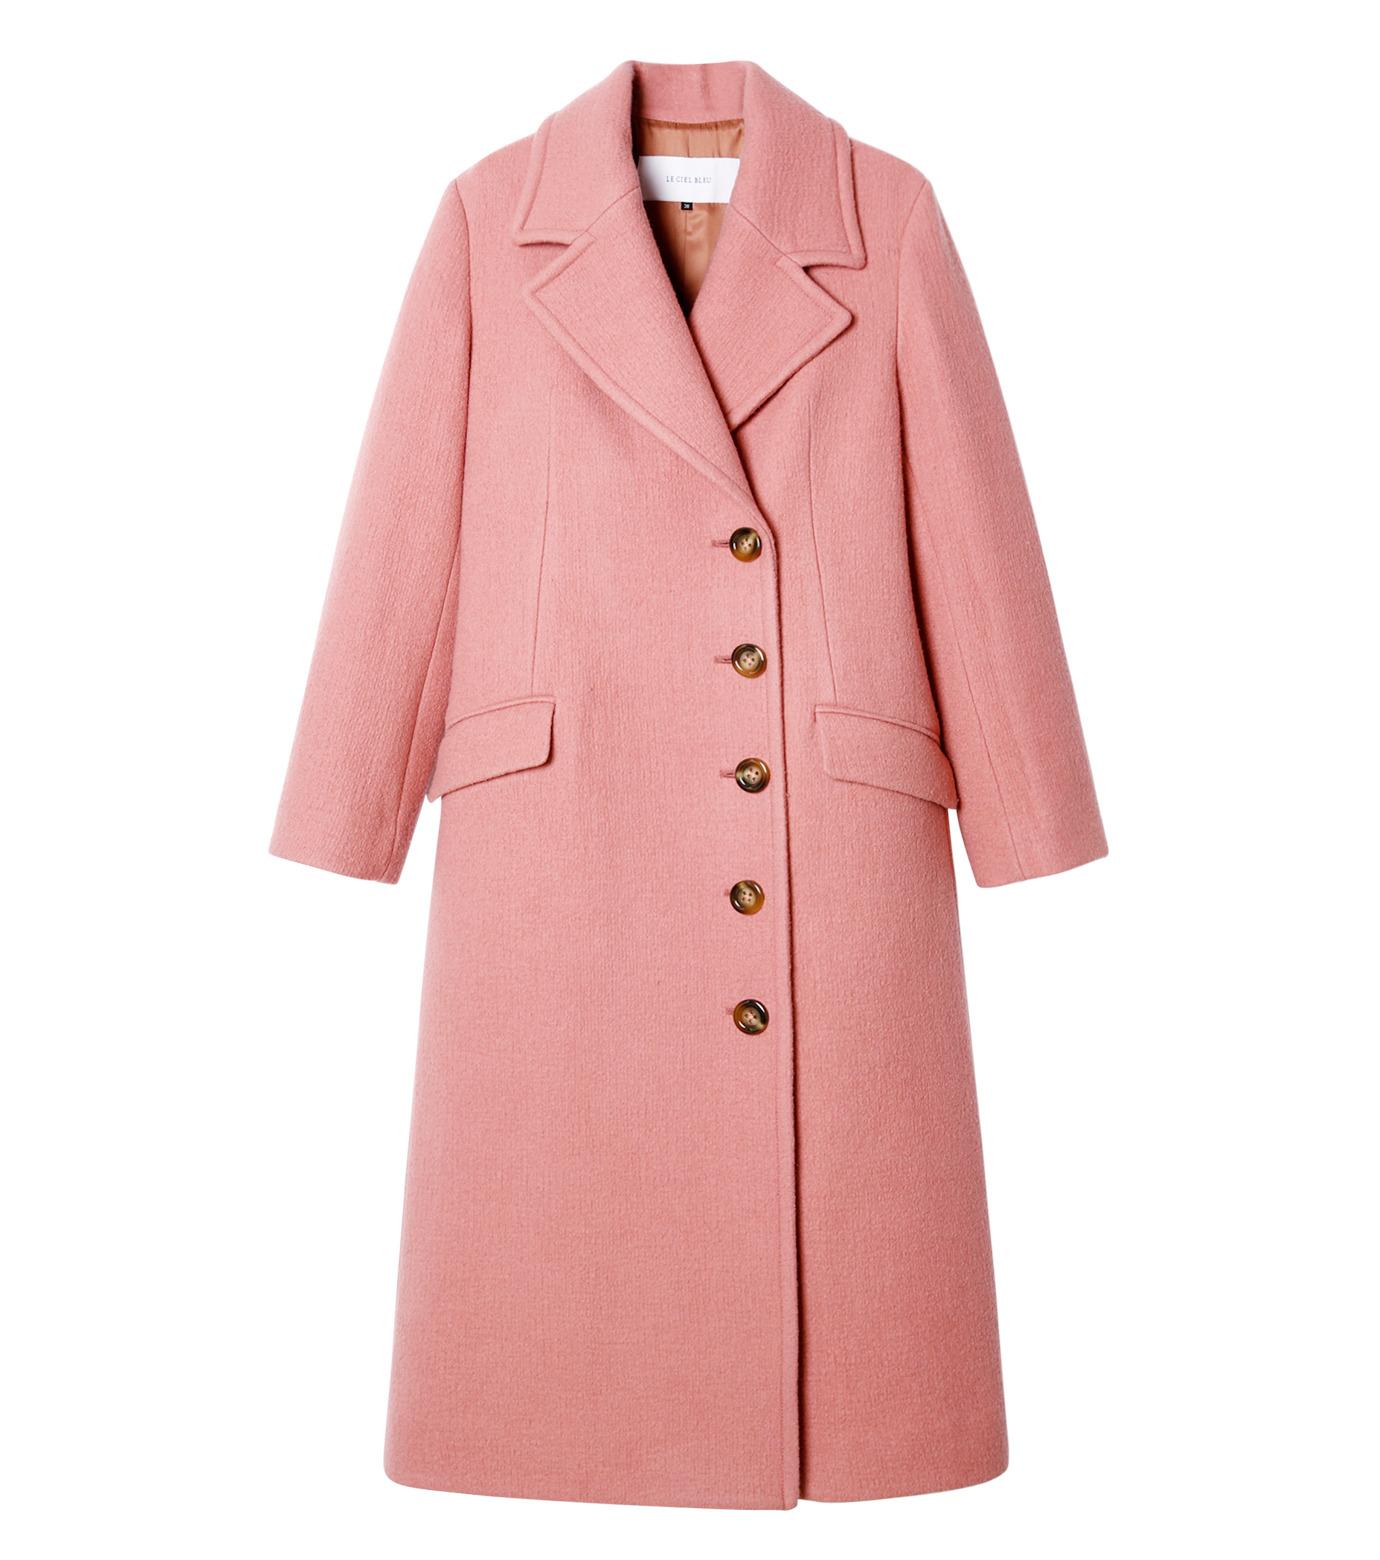 LE CIEL BLEU(ルシェルブルー)のナッピングウールレディーコート-SALMON PINK(コート/coat)-18A69716 拡大詳細画像1